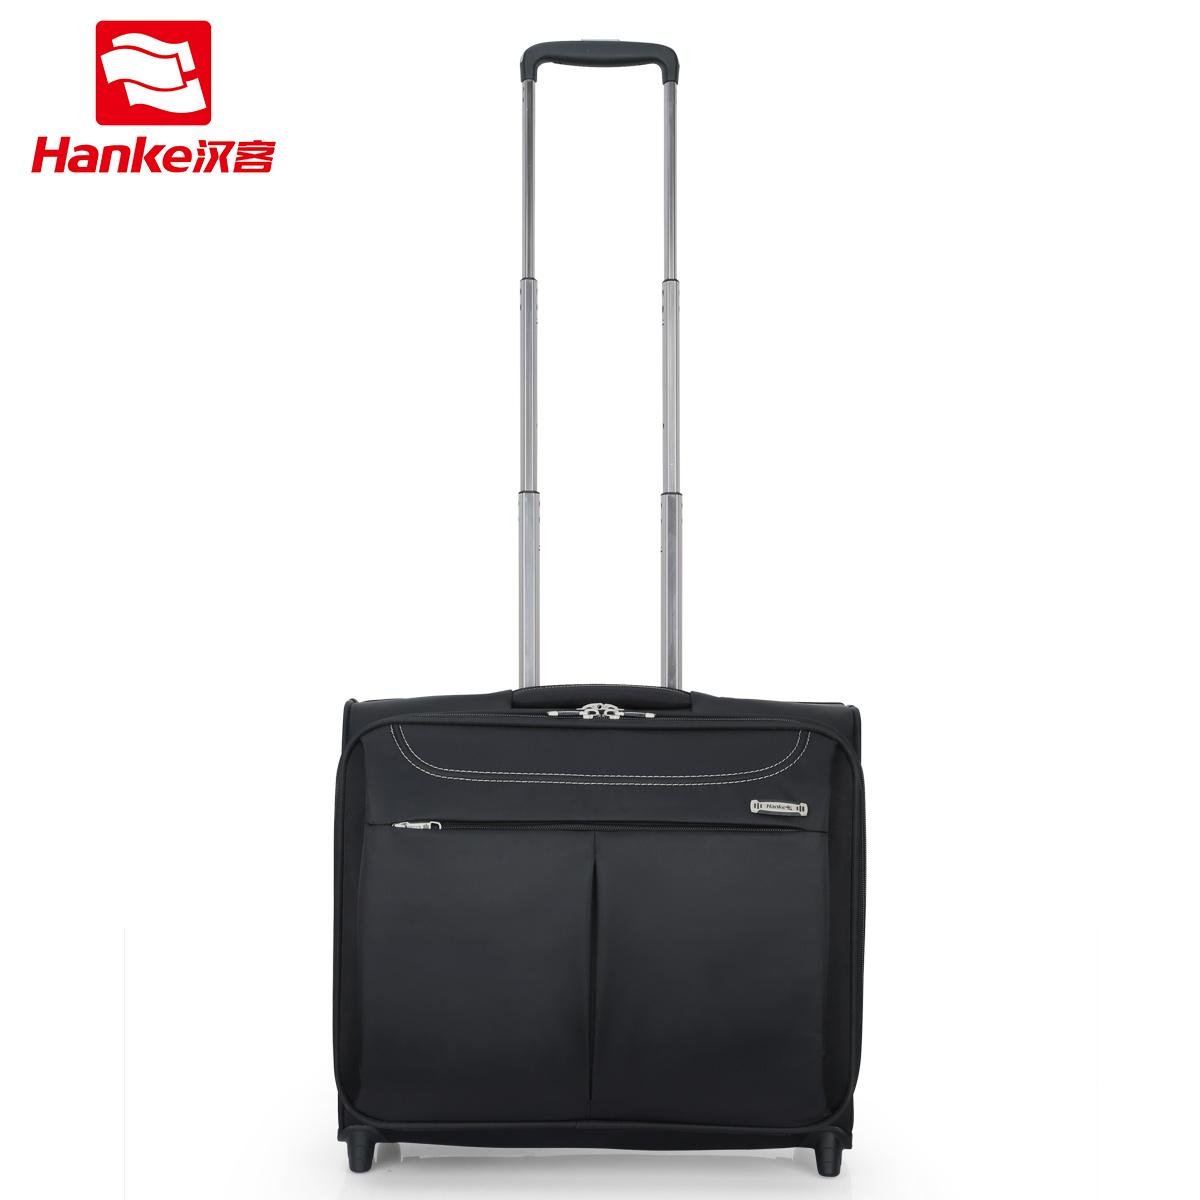 漢客Hanke商務行李箱16寸拉桿箱18寸旅行箱電腦拖箱子 空姐登機箱